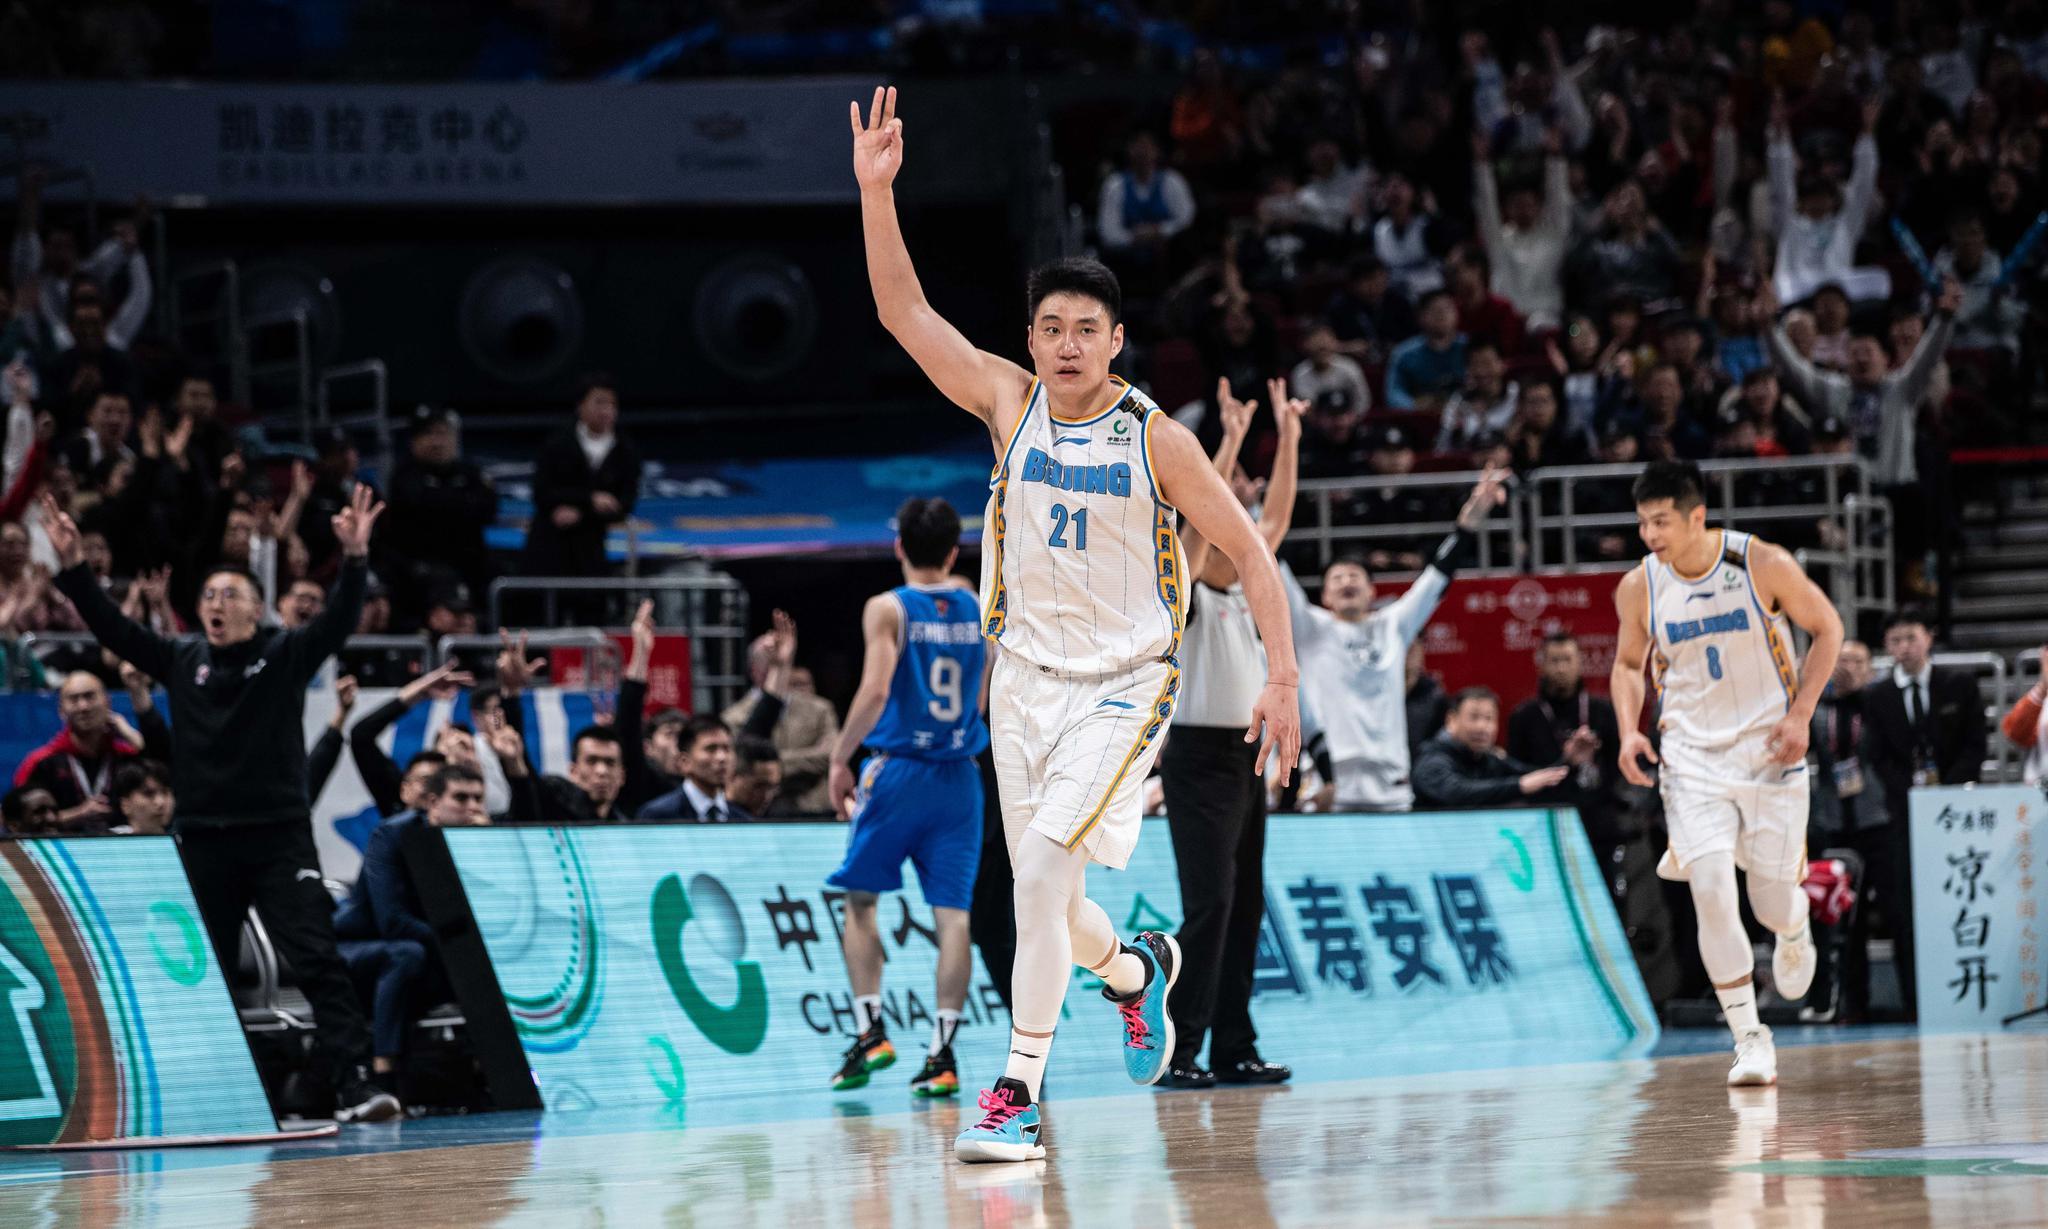 篮球——常规赛:北京首钢胜江苏苏州肯帝亚